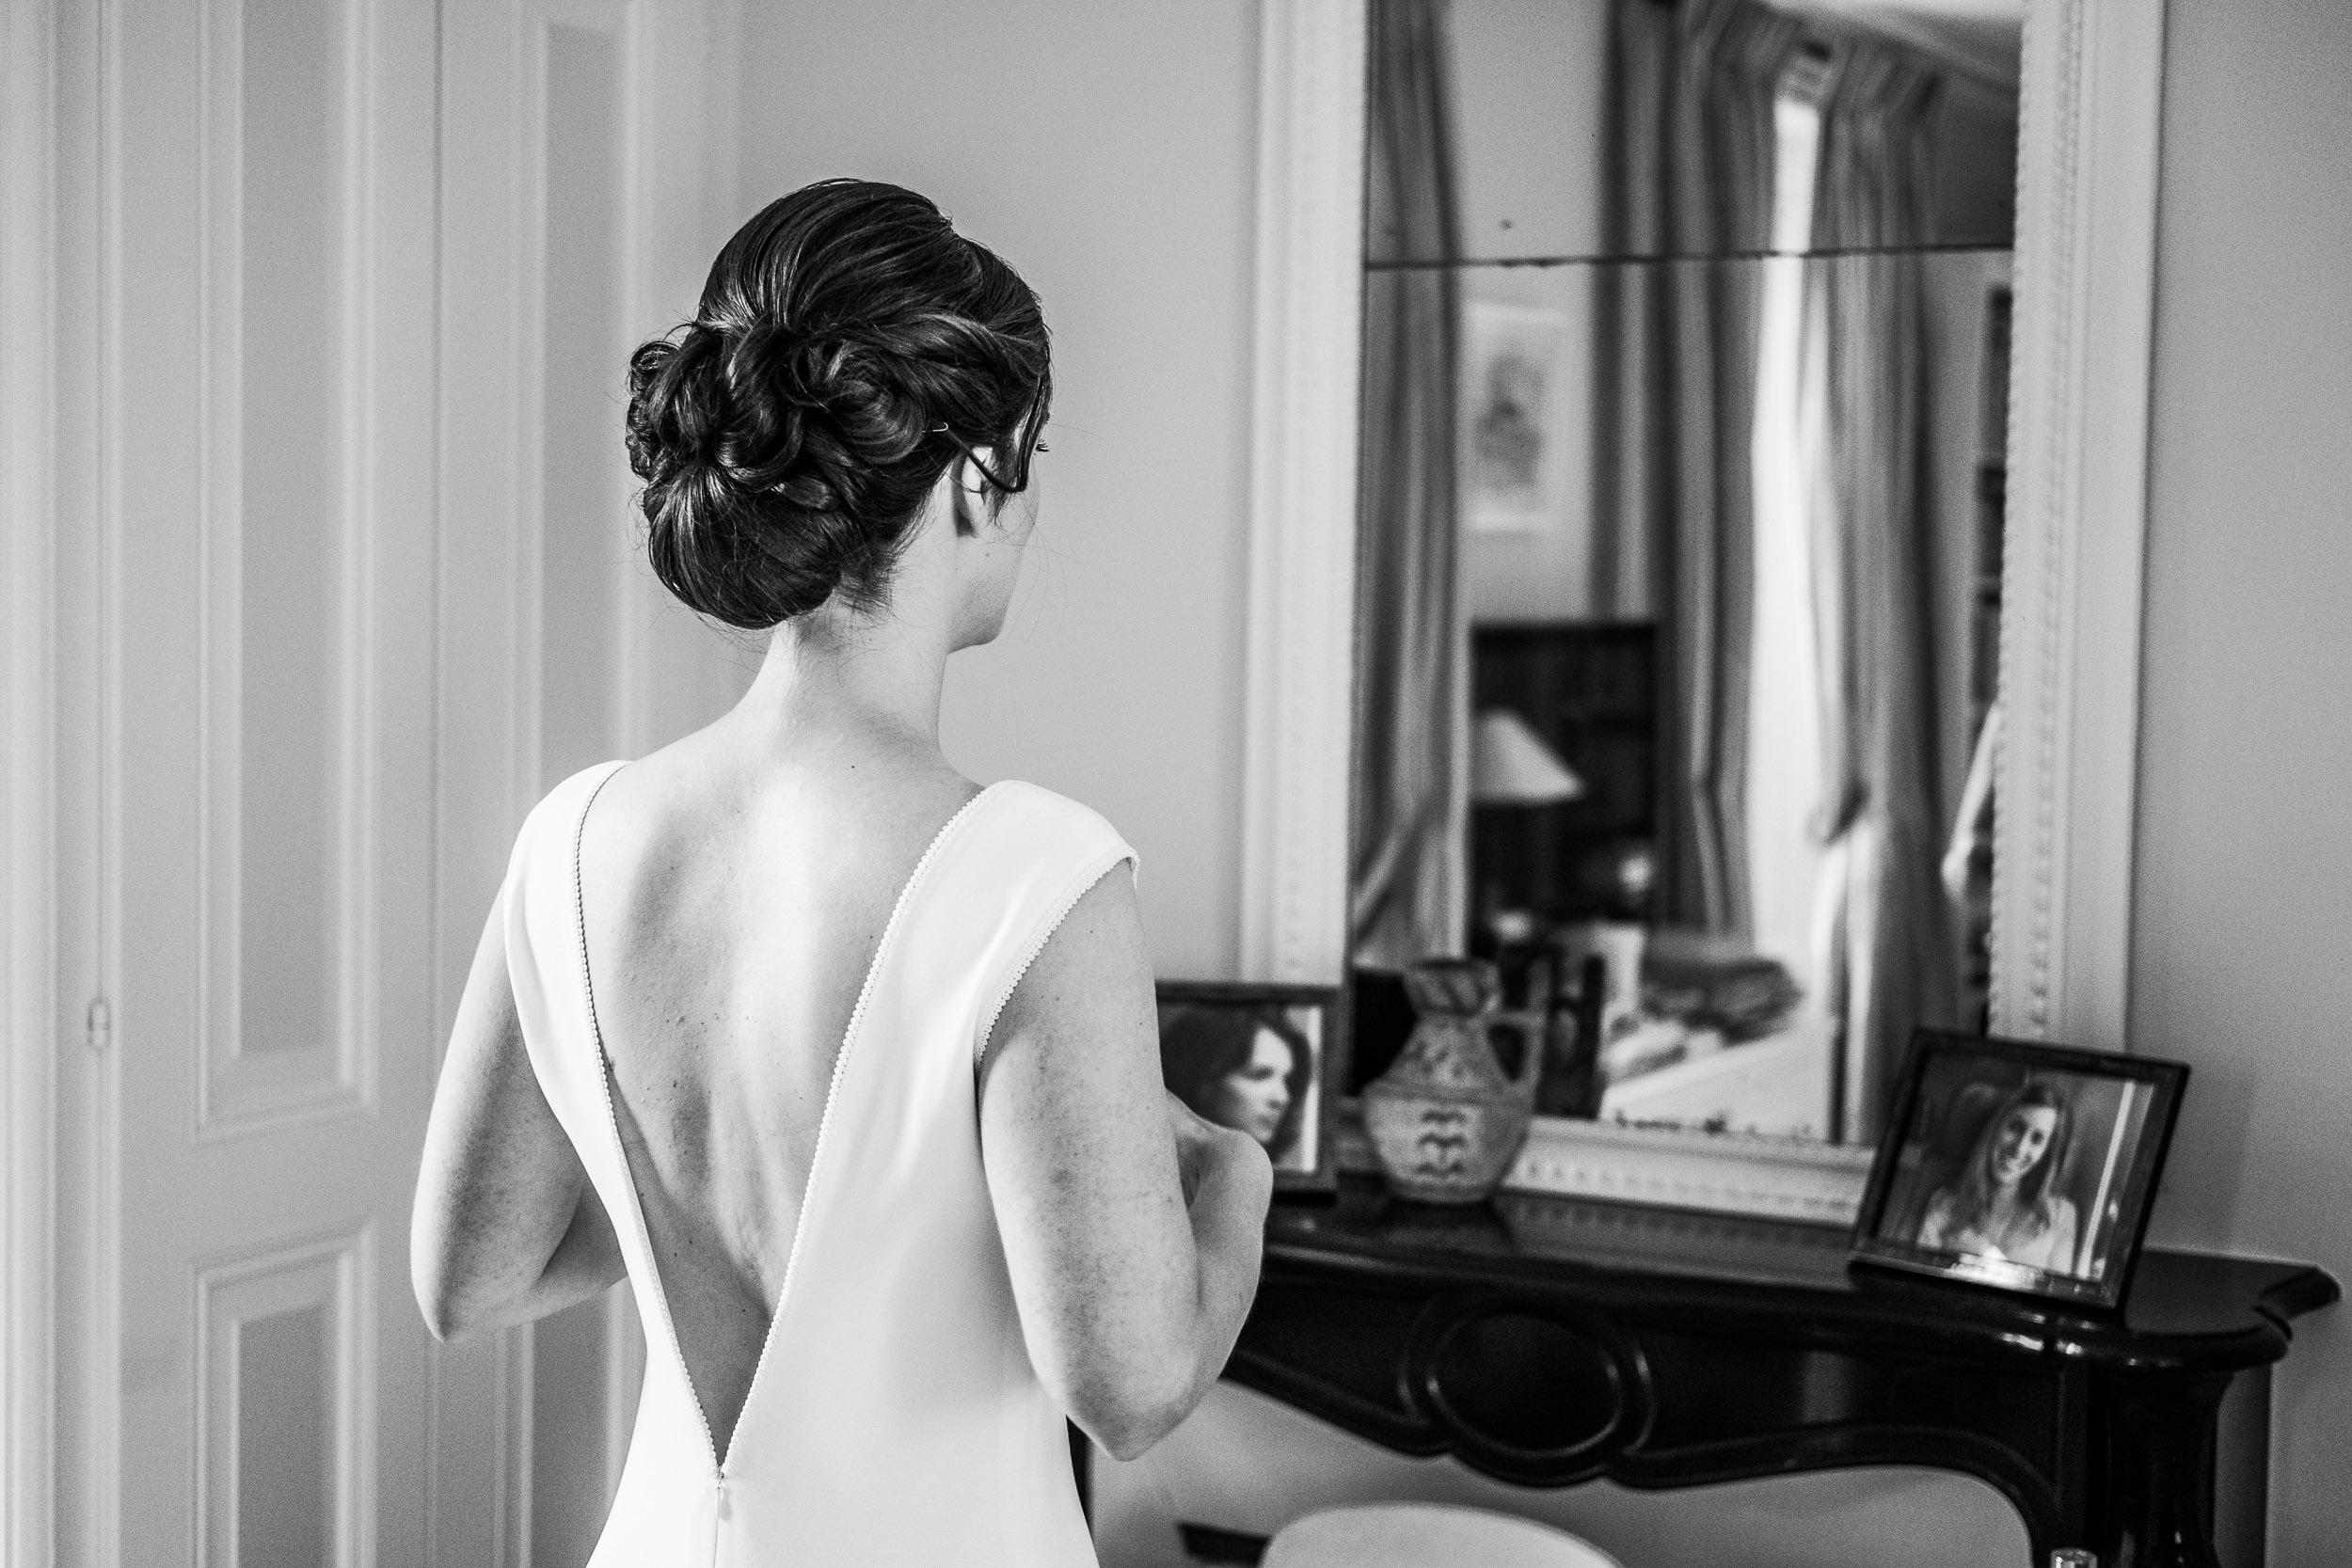 gerald-mattel-photographe-mariage-nyon-suisse-2.jpg